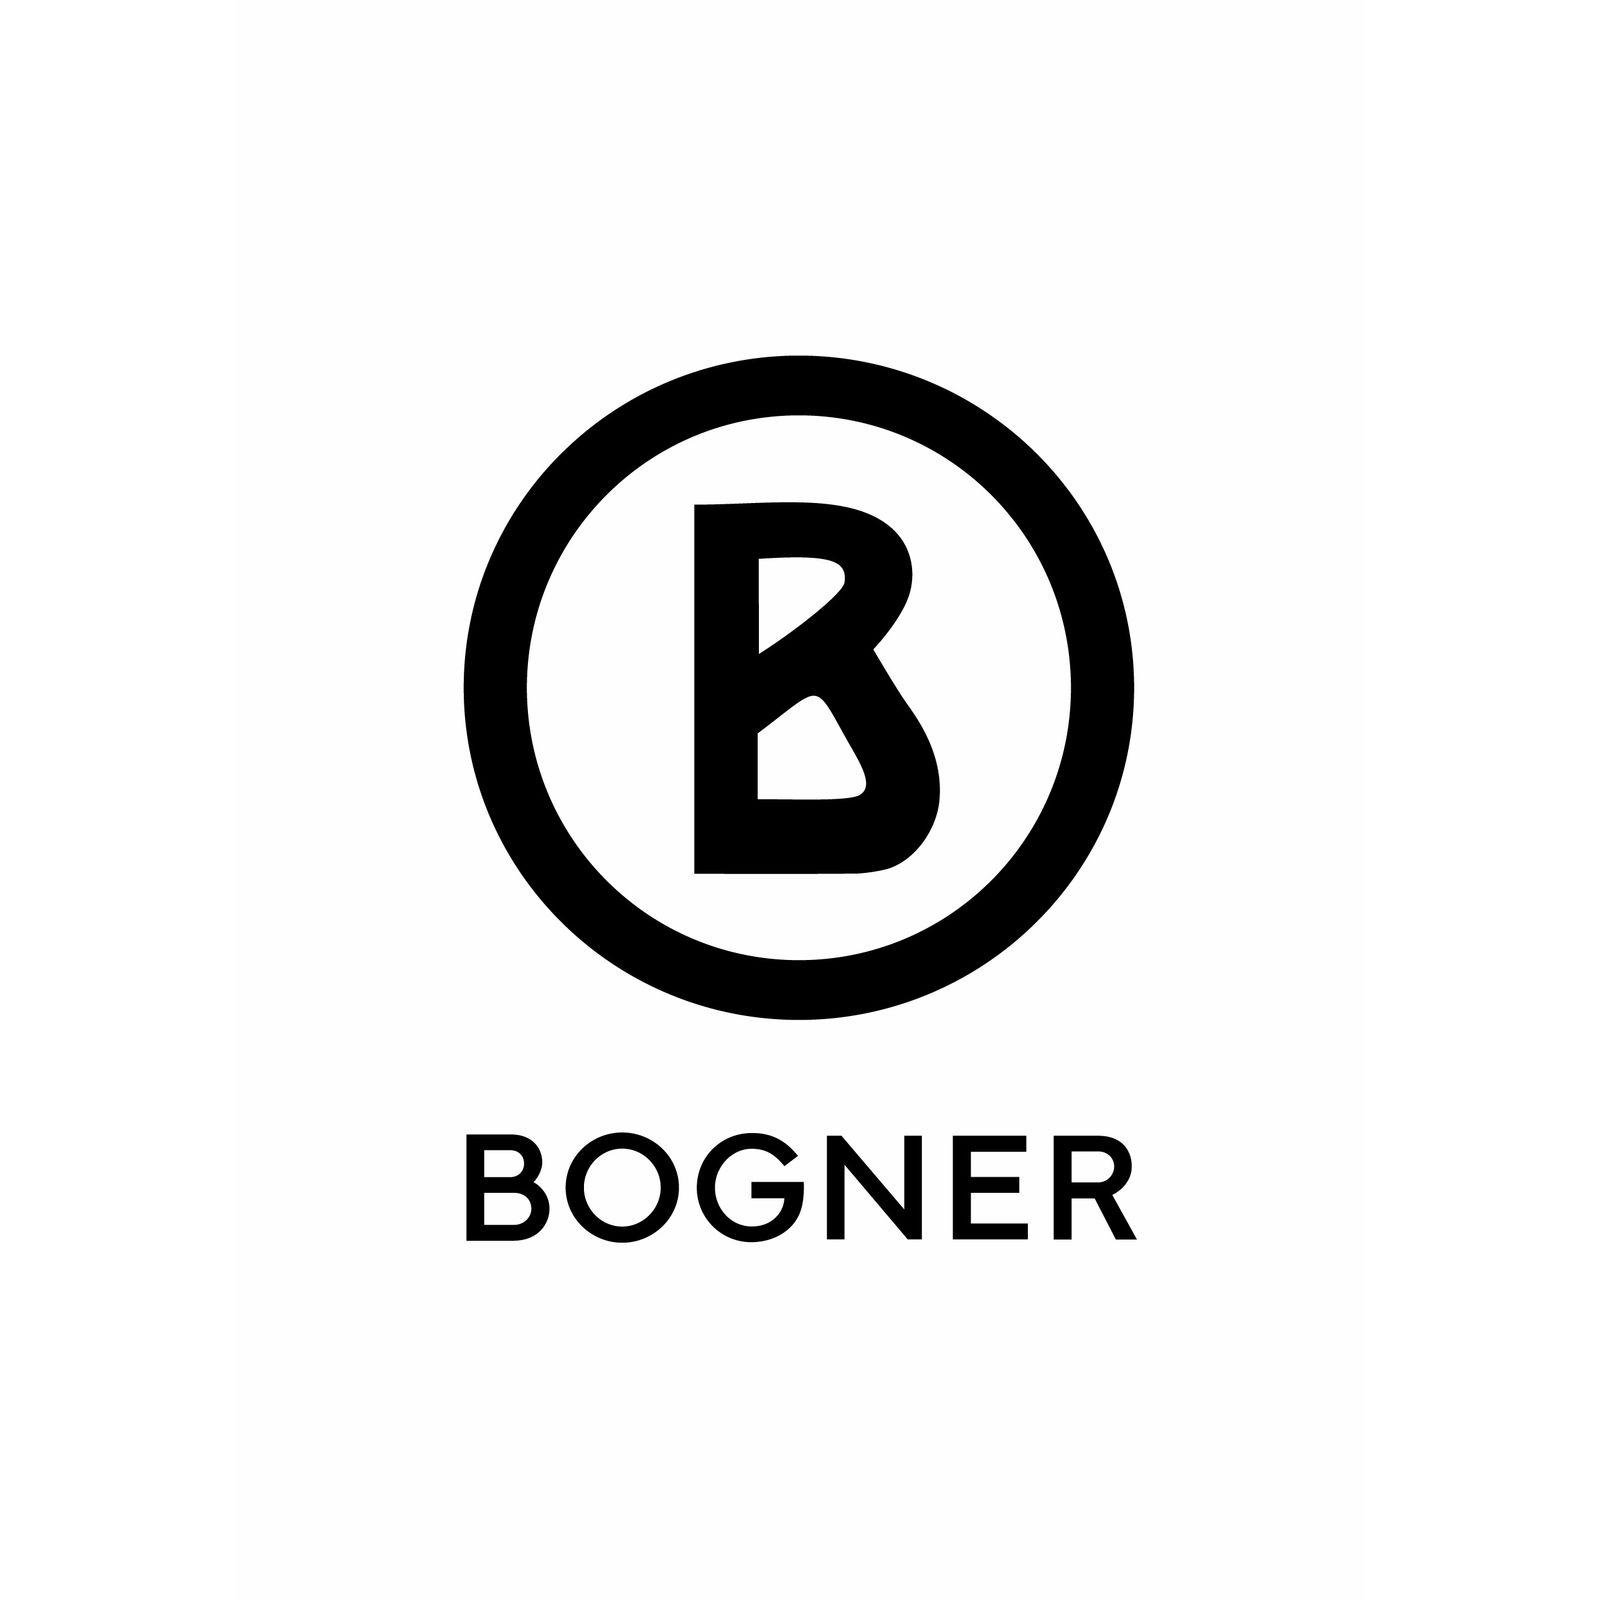 BOGNER Eyewear (Bild 1)